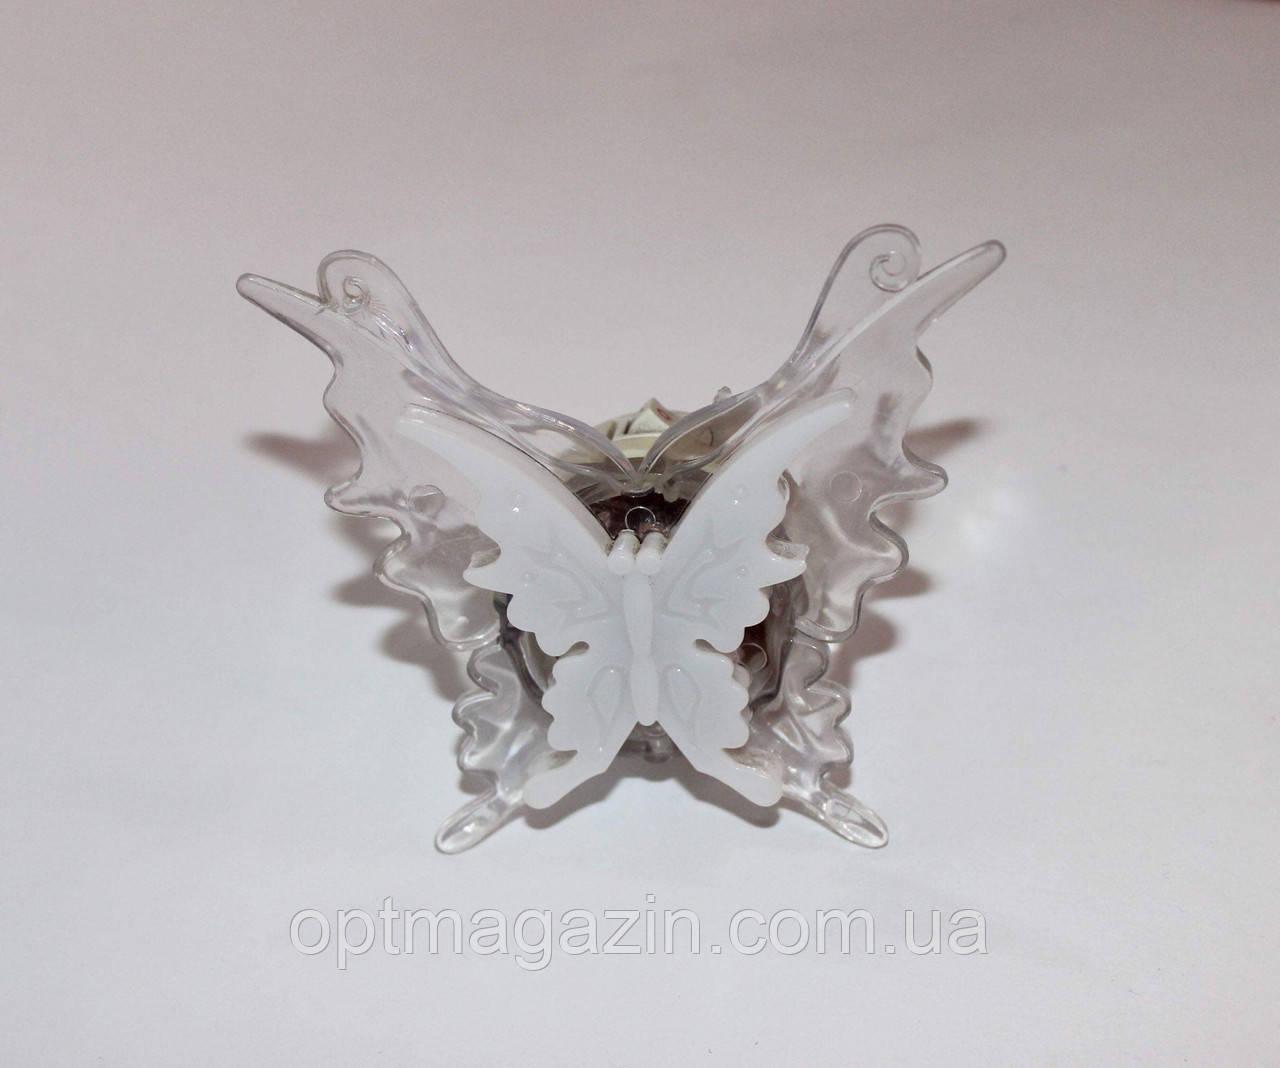 Ночник бабочка 🦋 с выключателем